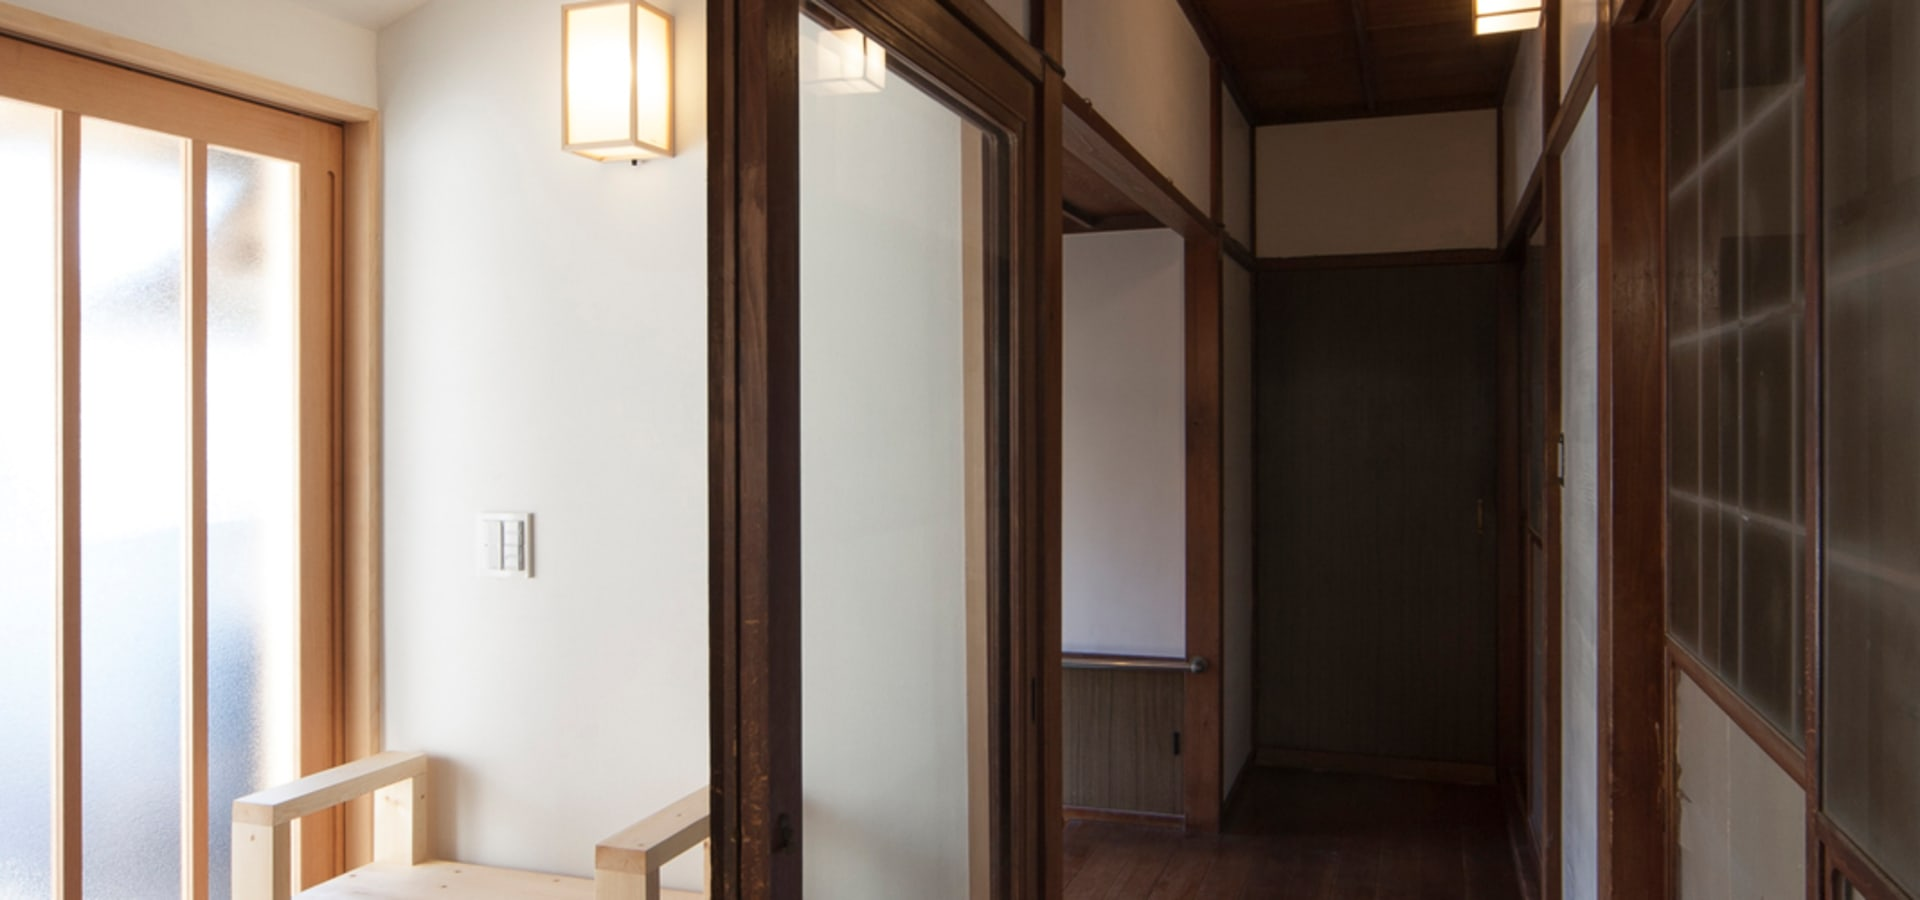 結人建築設計事務所